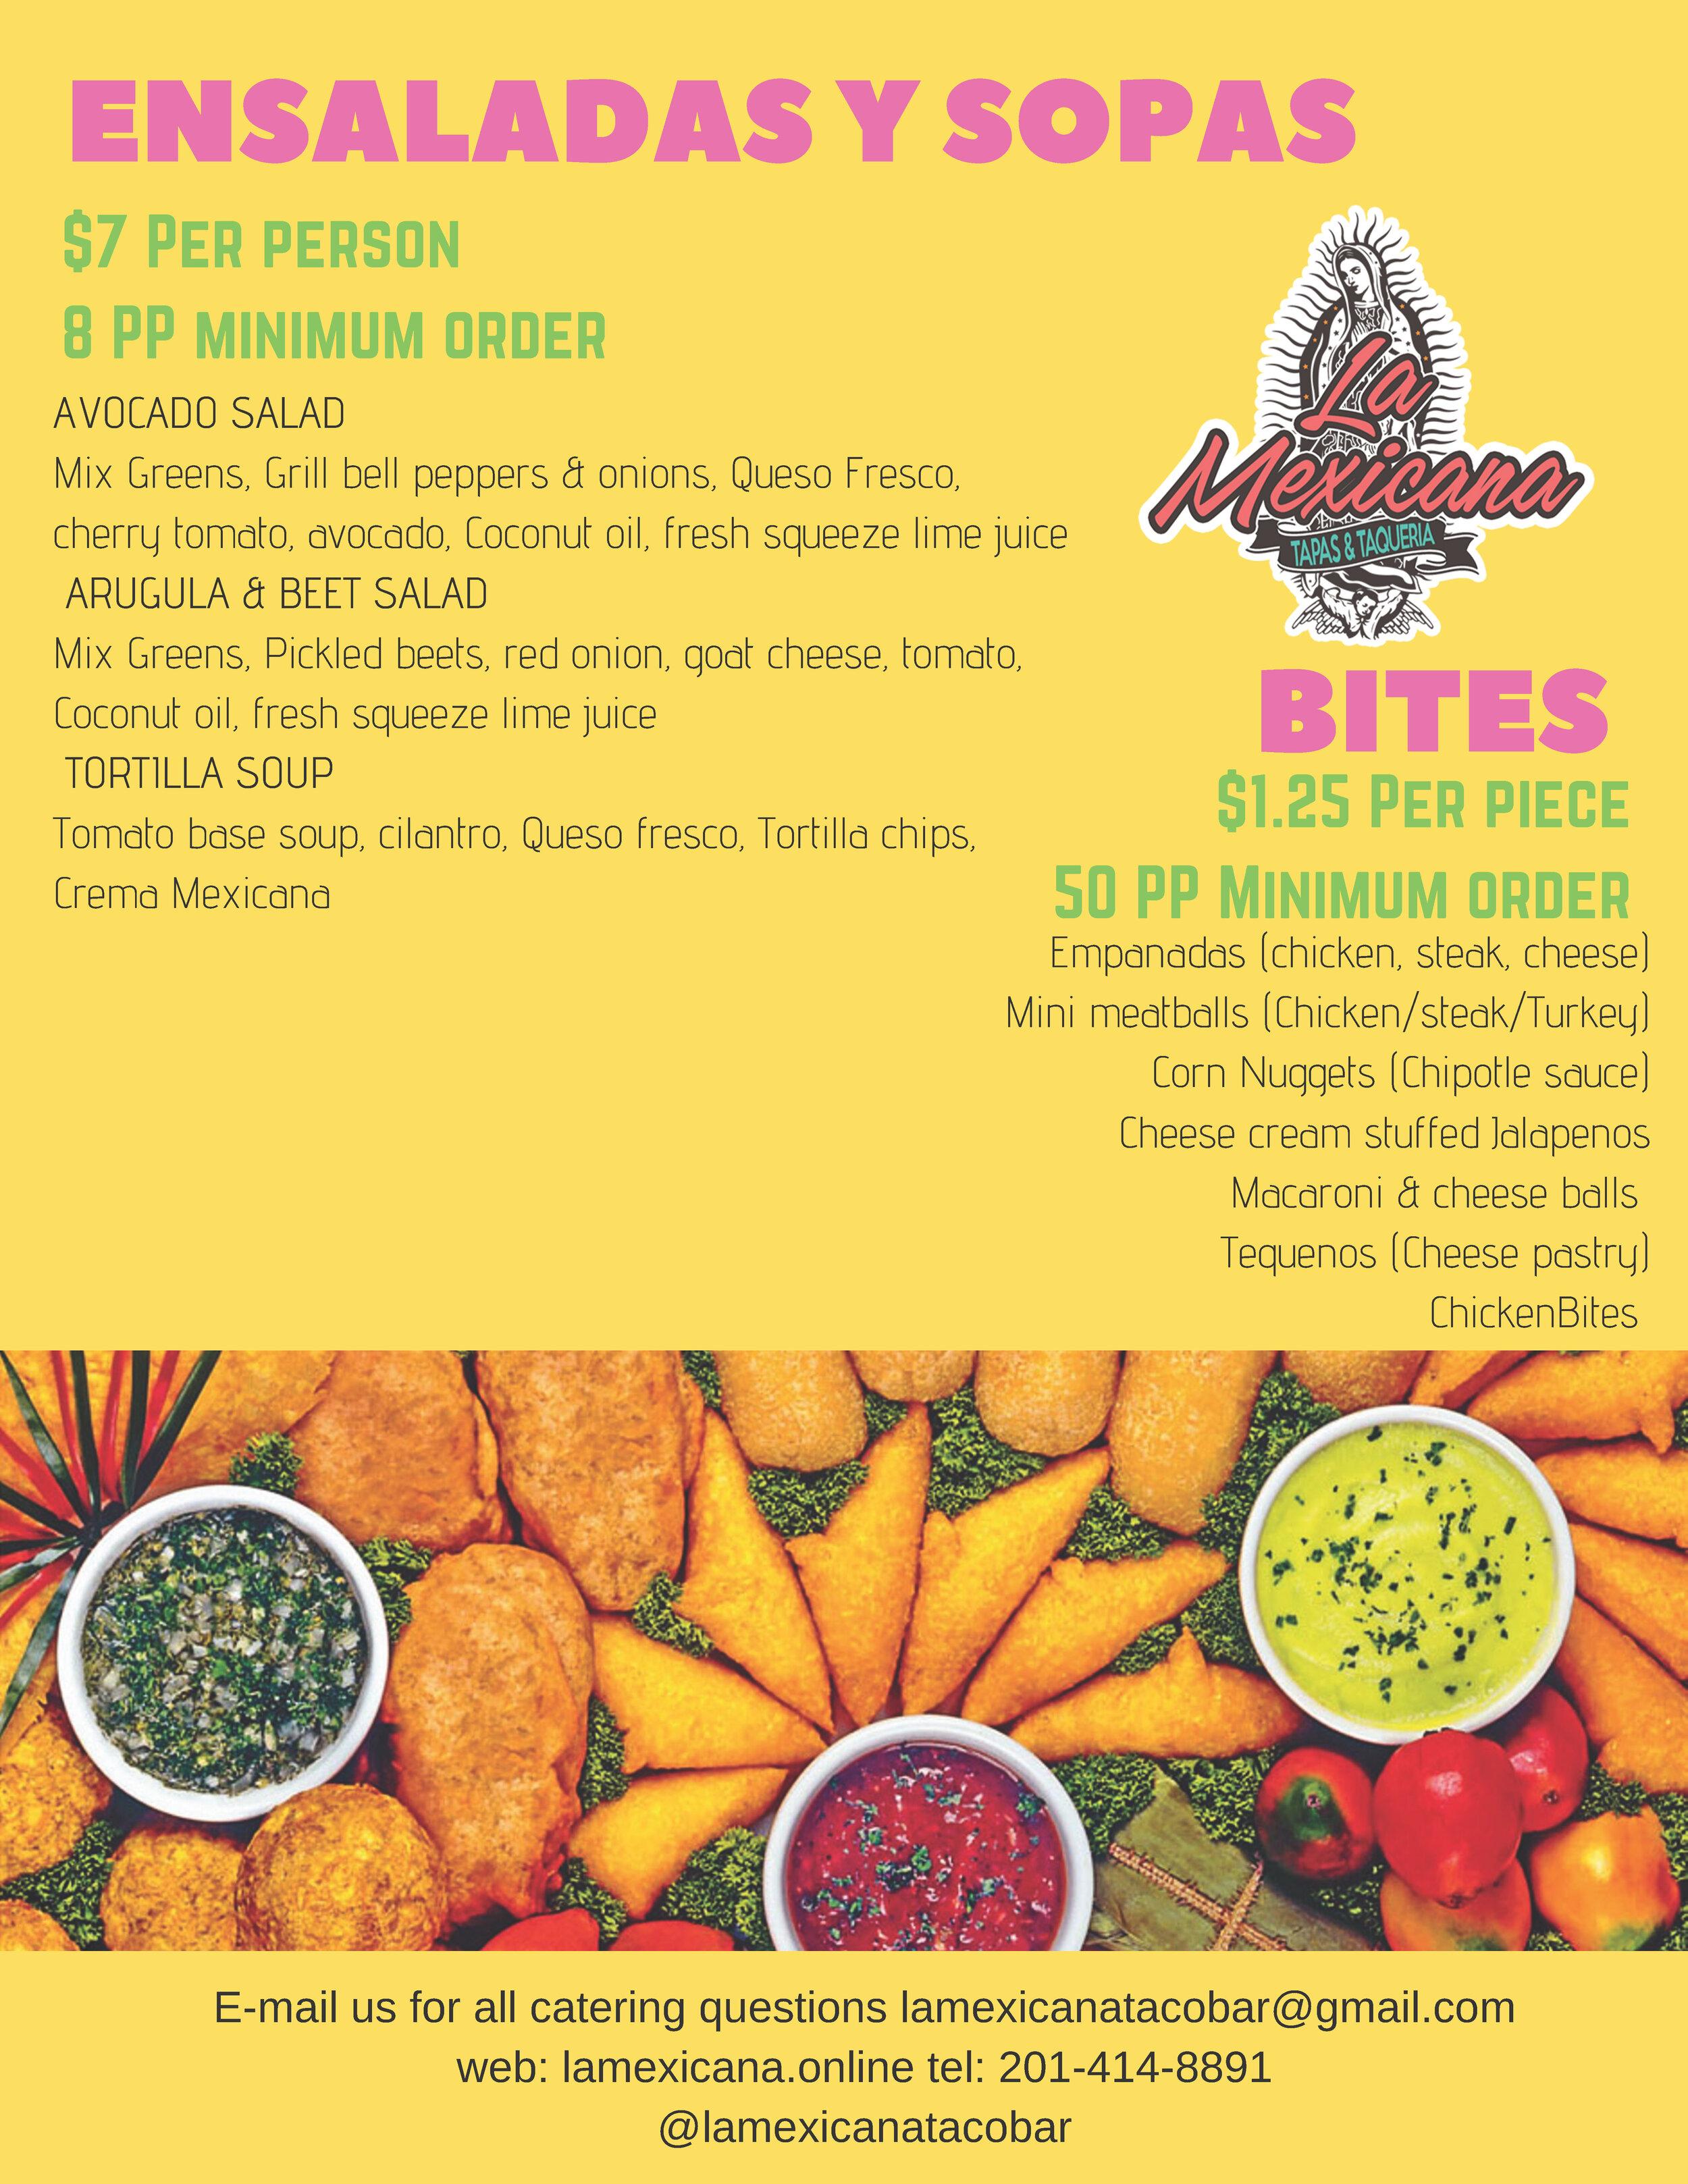 catering-menu-fortlauderdale-5.jpg